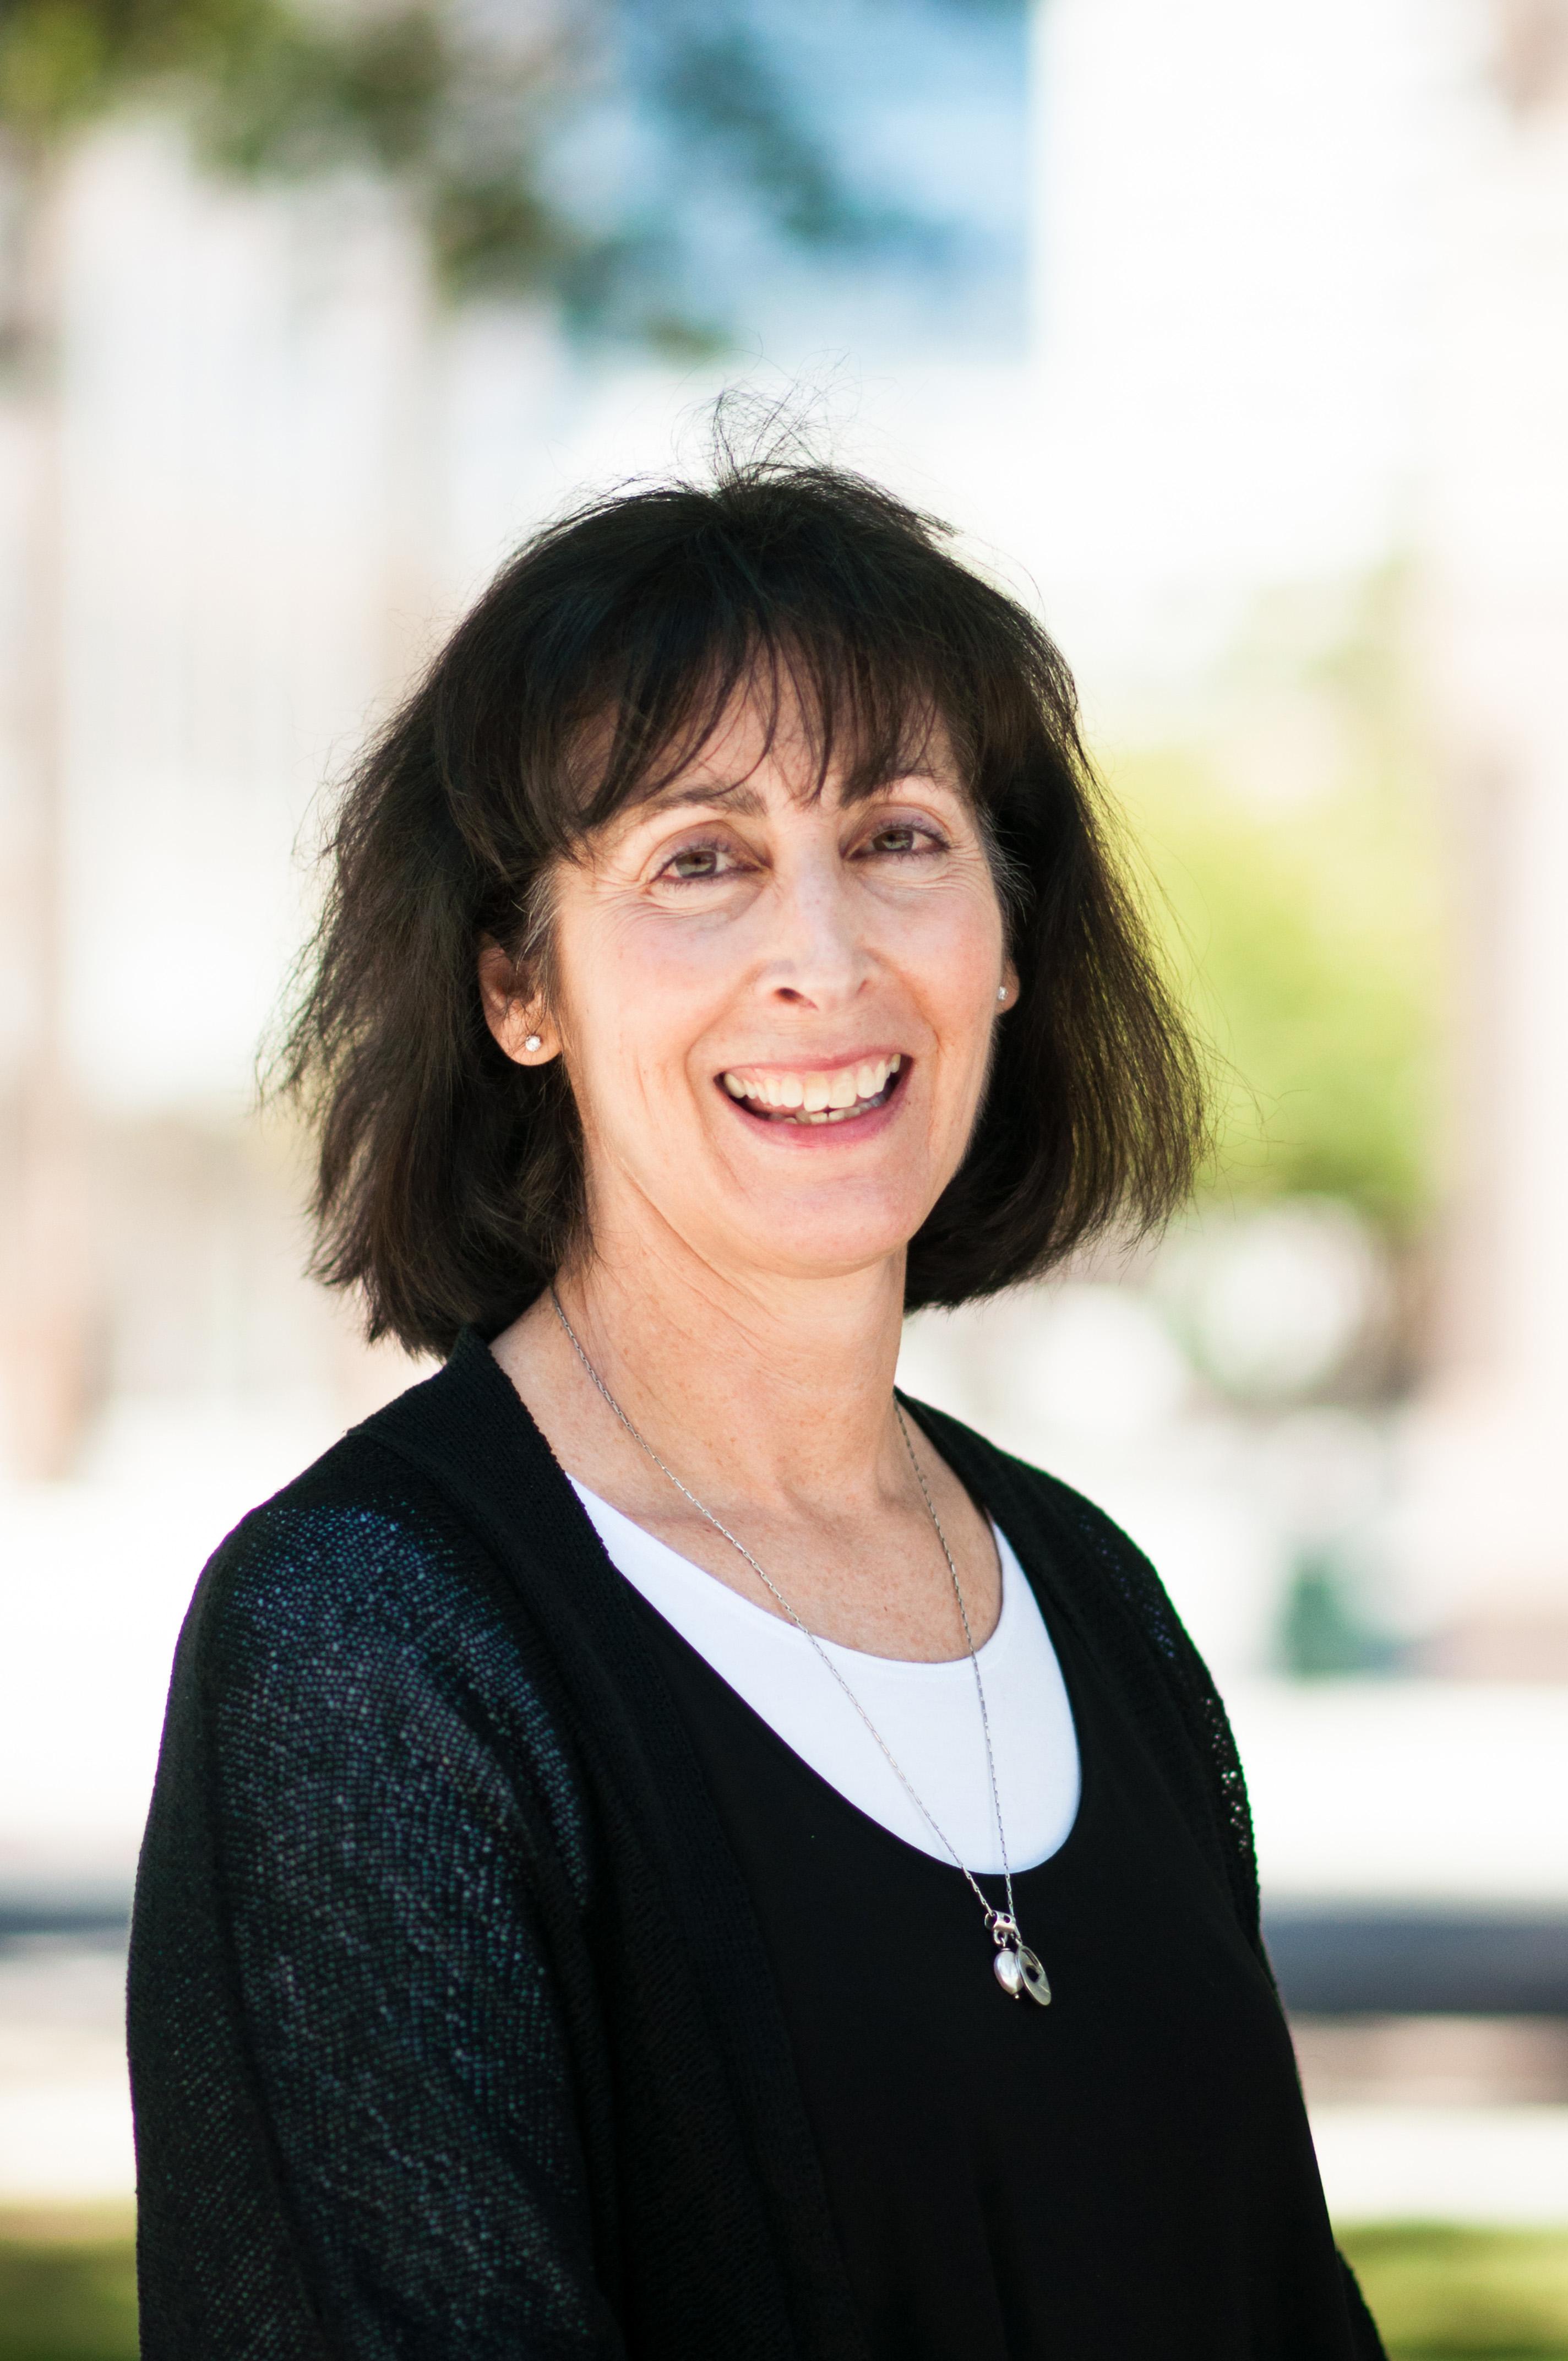 Susan E. Gellen